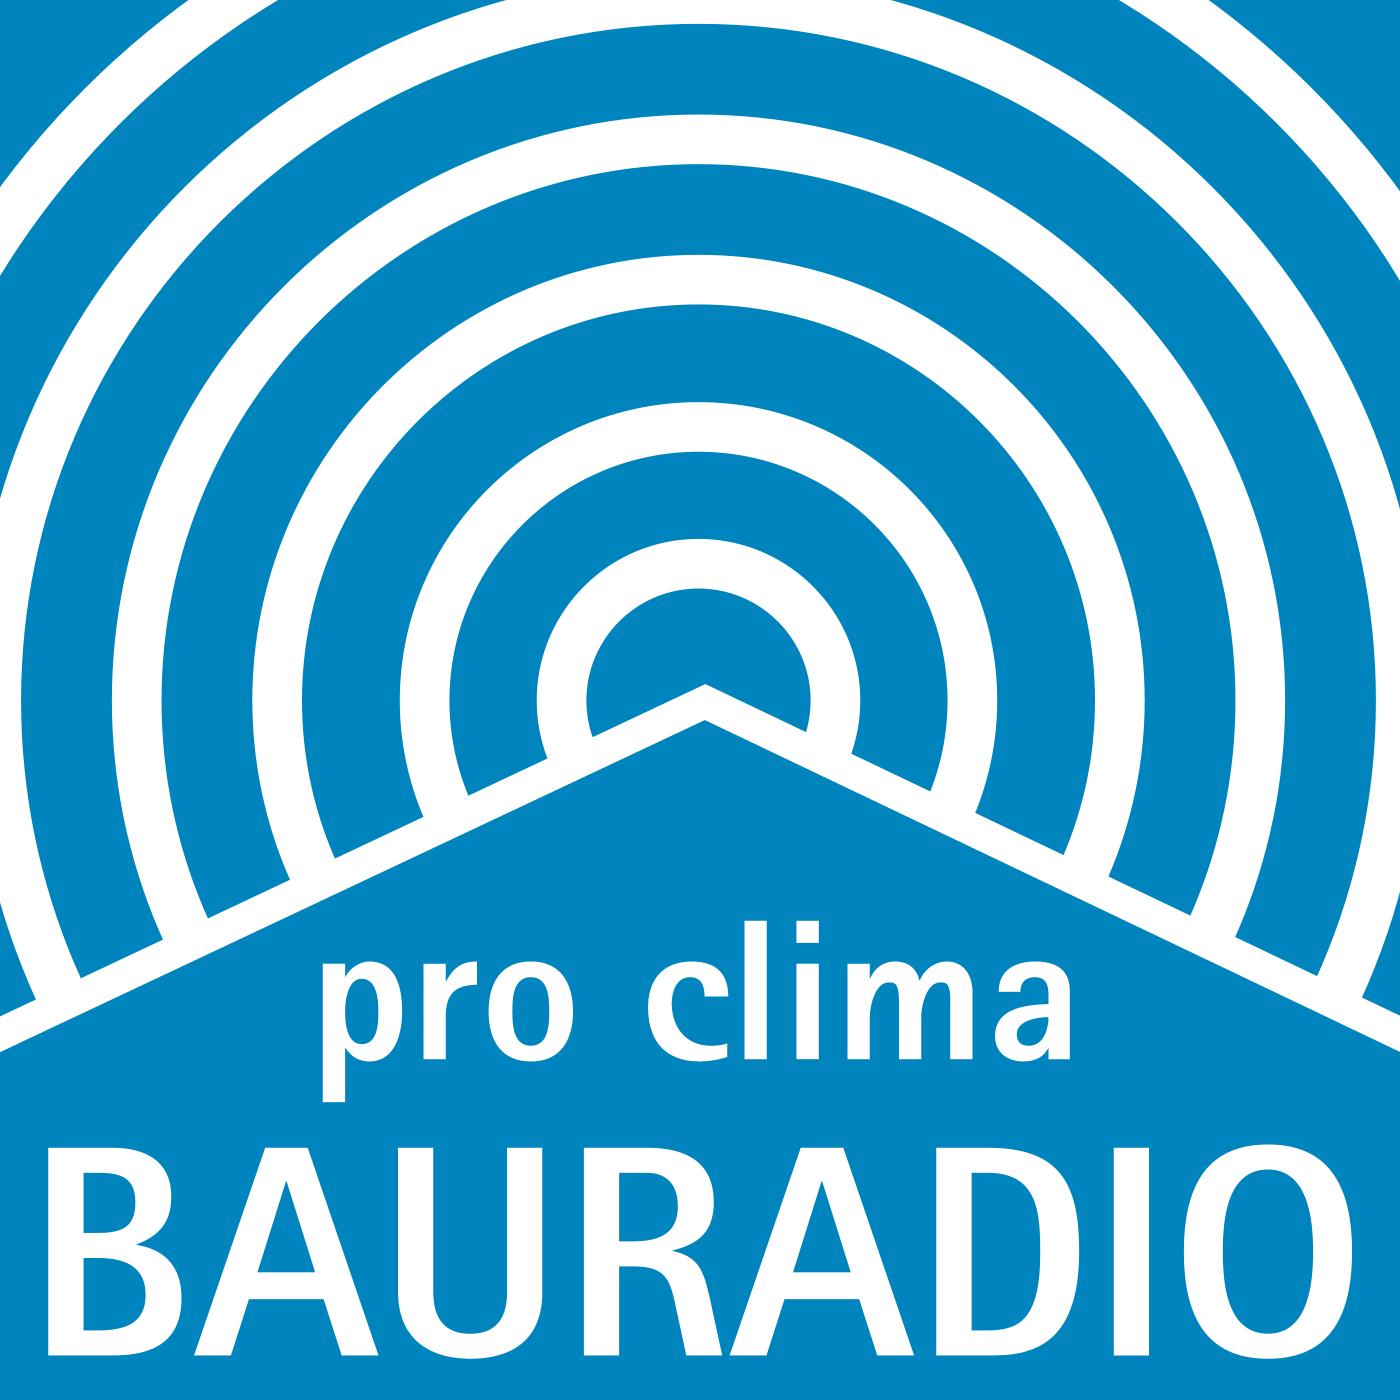 bauradio-pl-logo